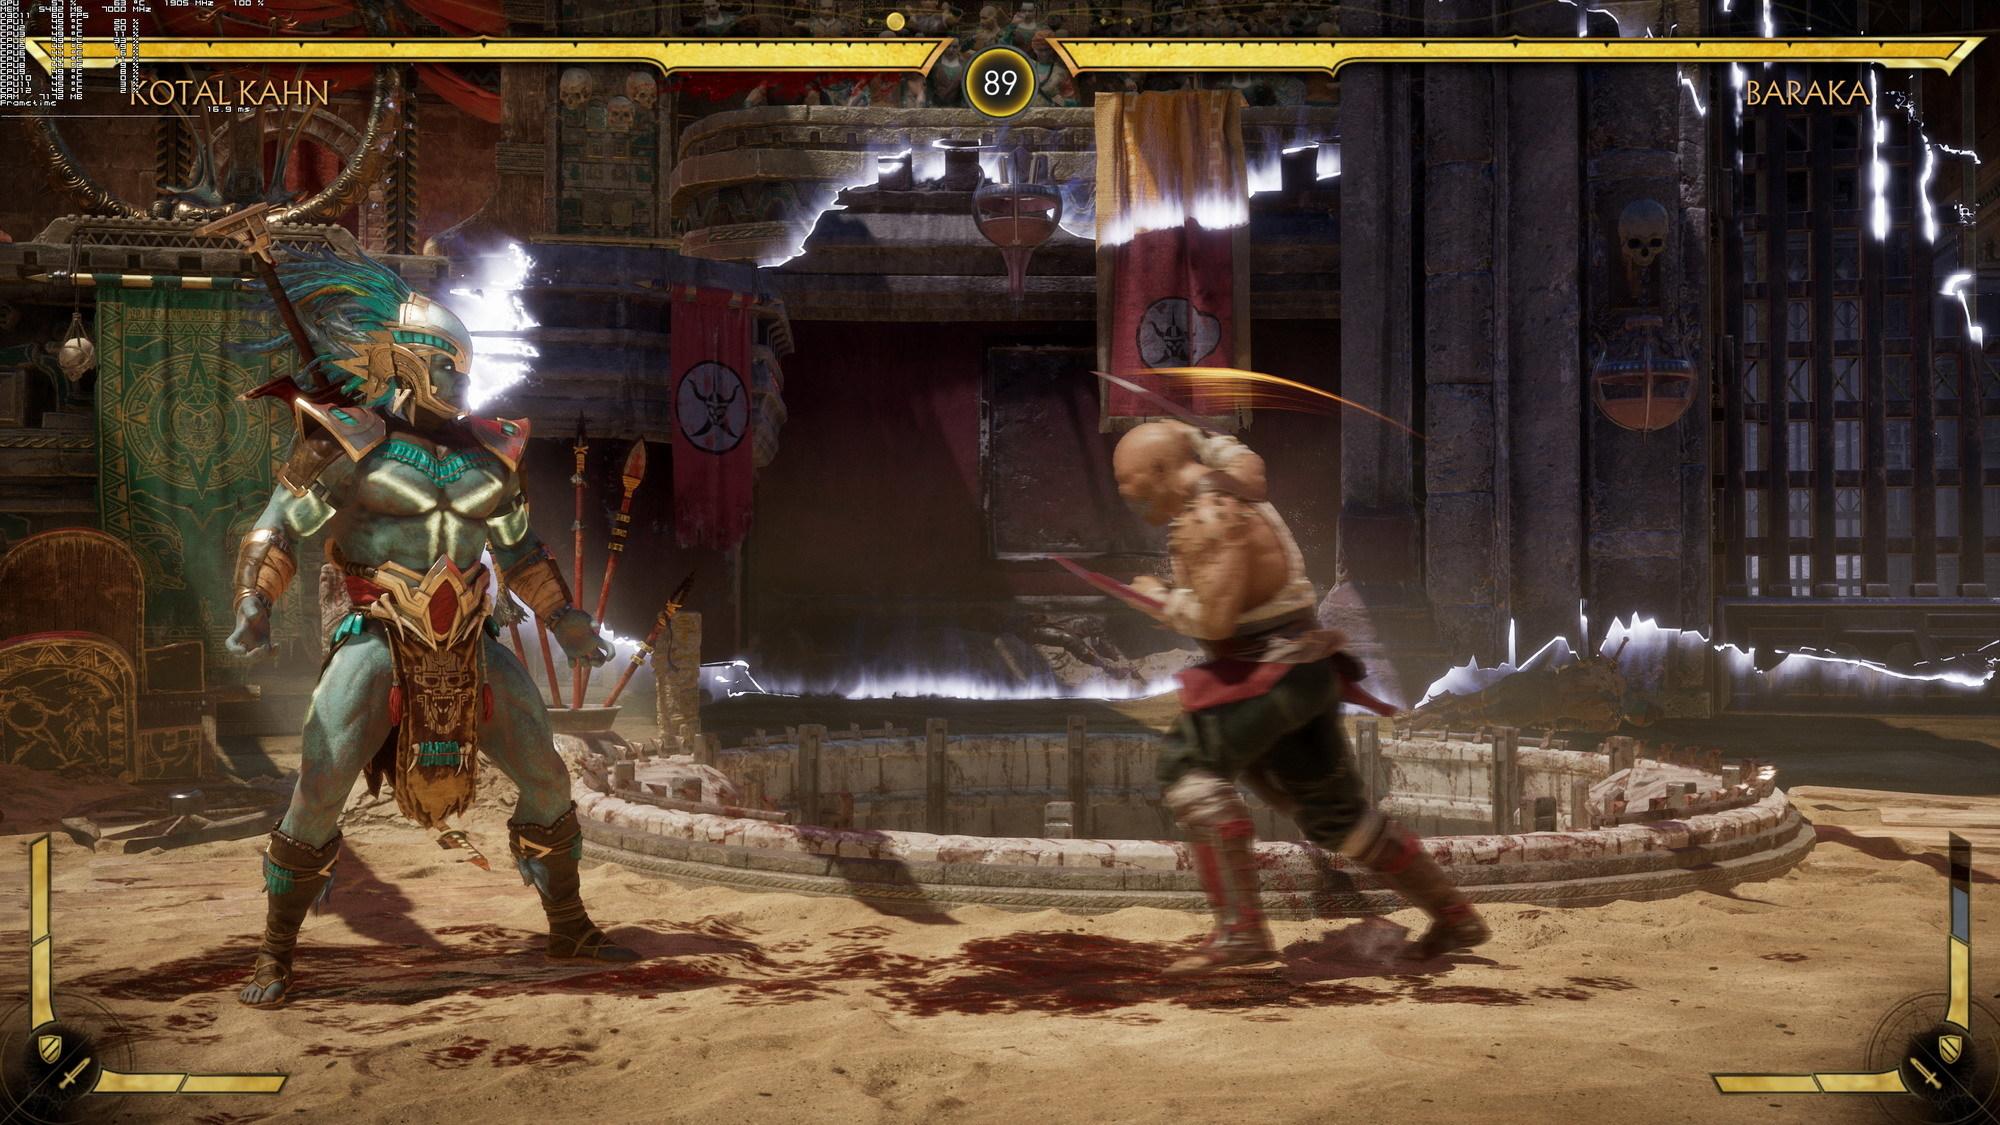 真人快打11/Mortal Kombat XI插图2